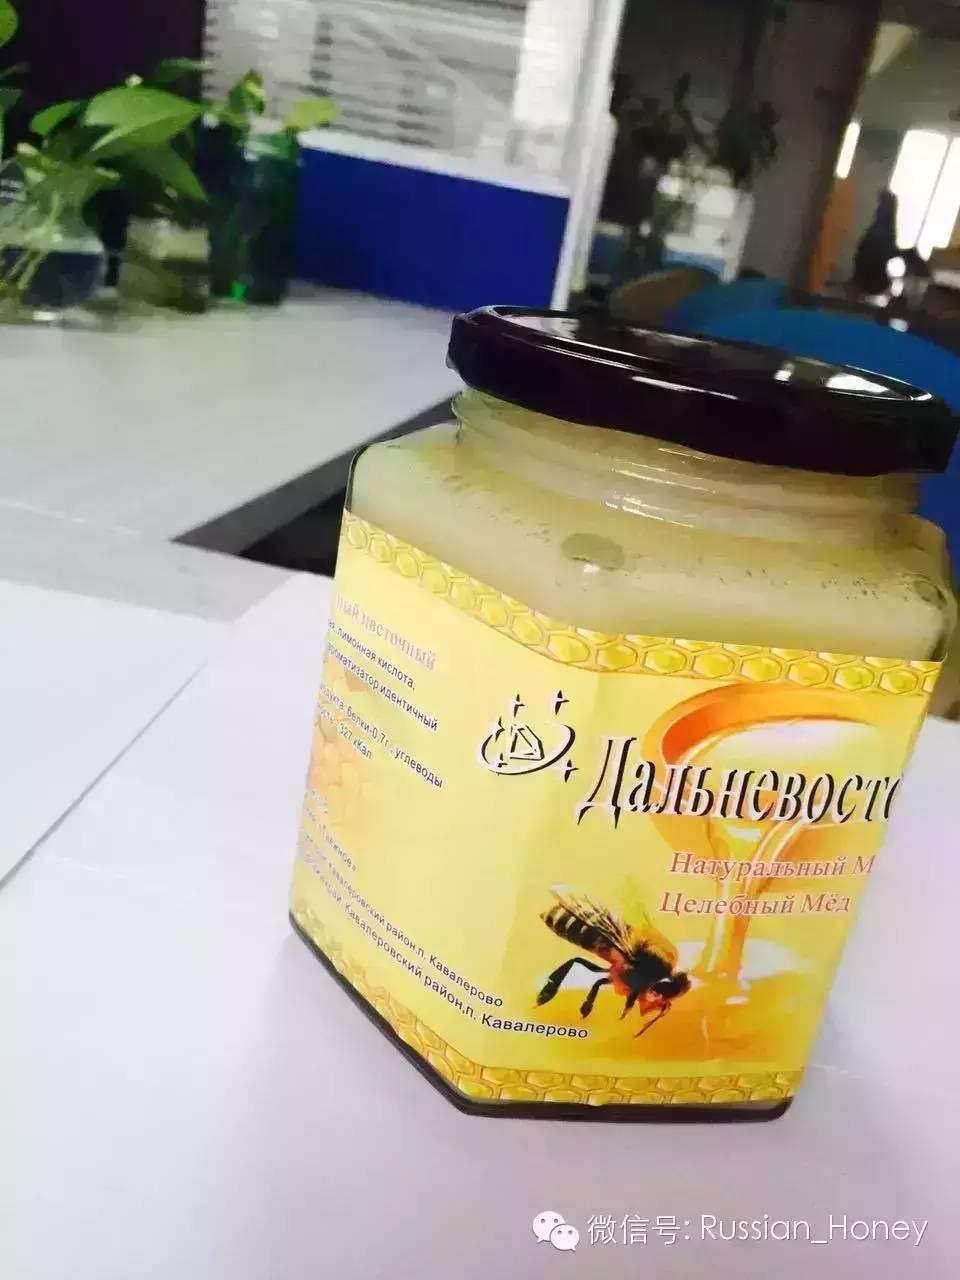 蜂蜜的鉴别 蜂蜜燕麦粥 蜂毒作用 蜜蜡 蜂蜜肥皂